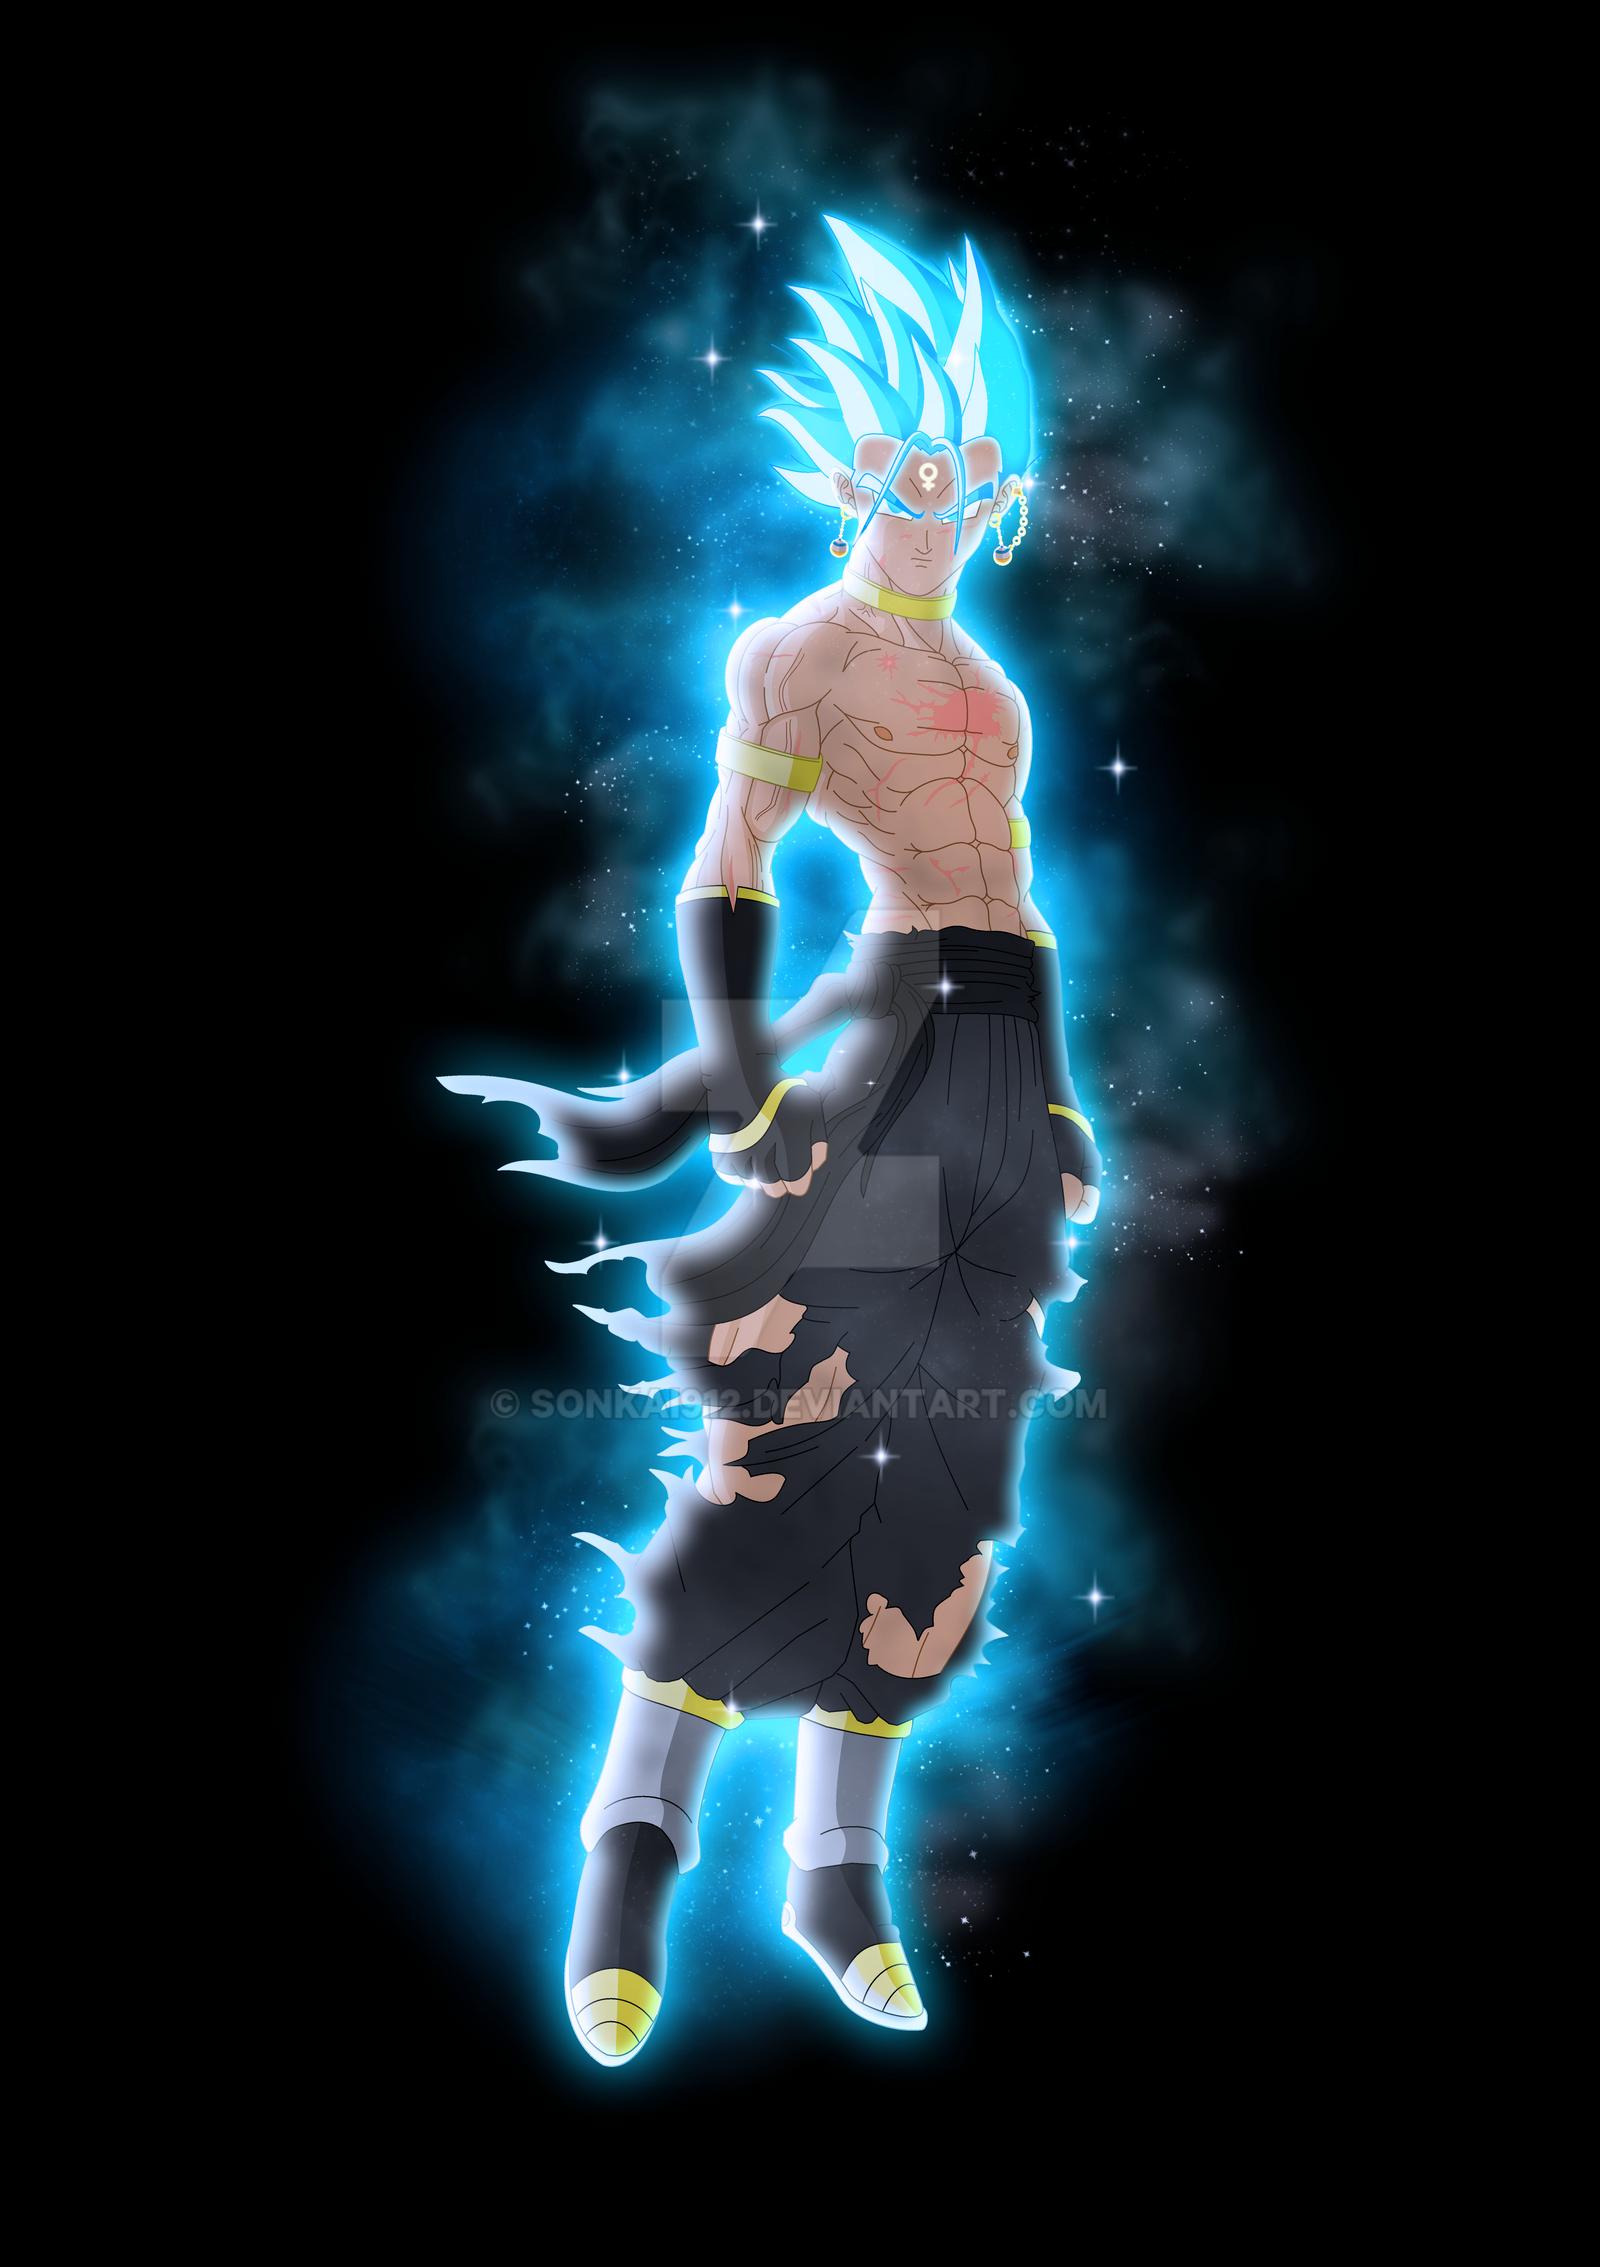 Kai-lan - Full Power God form. 2 by Sonkai912 on DeviantArt